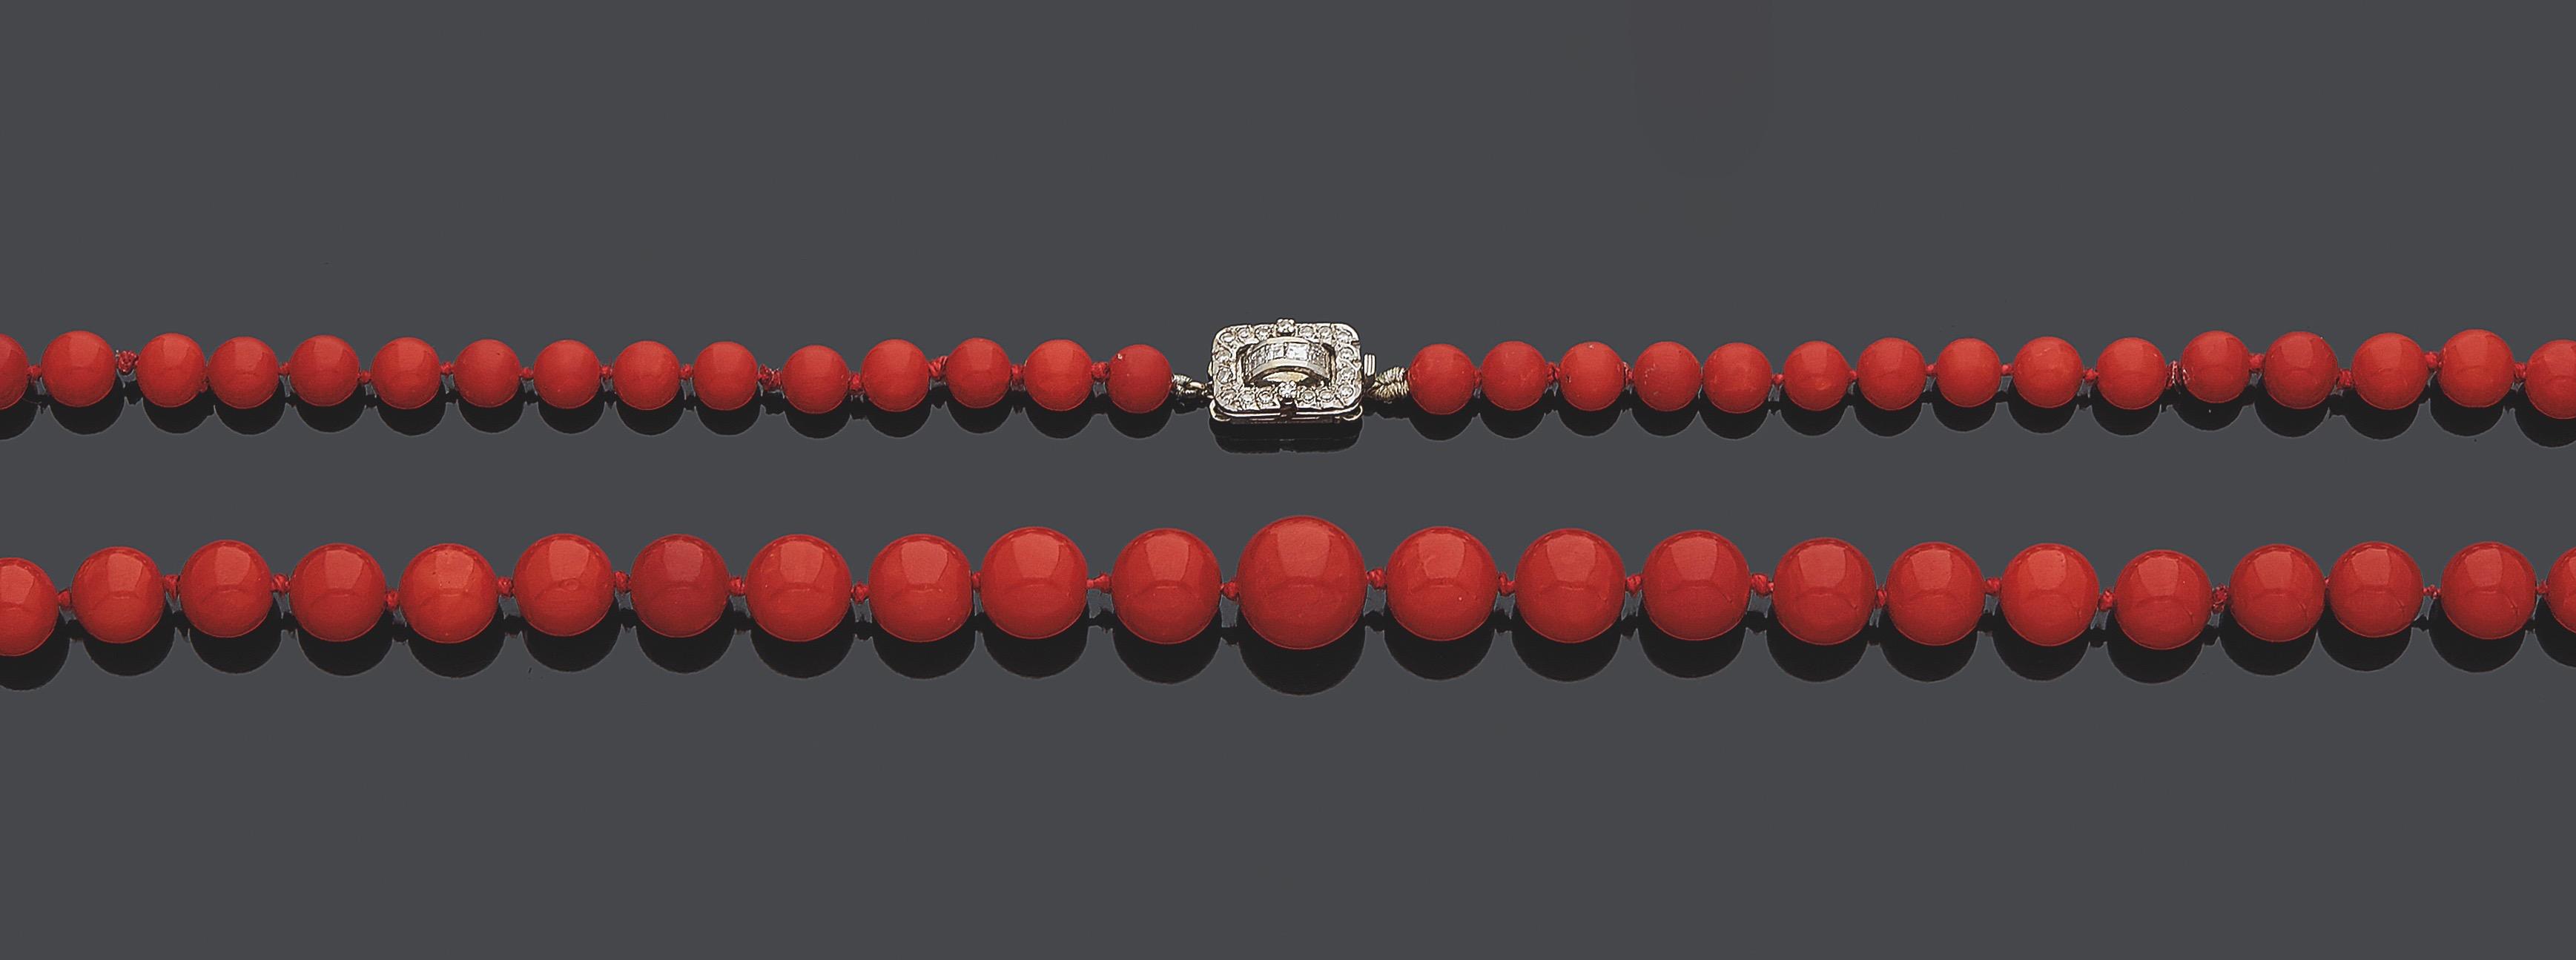 31. MELLERIO SAUTOIR composé d'un rang de perles de corail rouge en chute. Fermoir rectangulaire en or gris (750‰) serti de diamants calibrés et 8/8. Fermoir signé MELLERIO, et numéroté. Poinçon de Maître du joaillier parisien SOUBRENIE & BOIS. Diam. des perles : 6,9 à 13 mm. Long. : 96 cm. Poids brut : 90,5 g. 600/800 Expert Cukierman